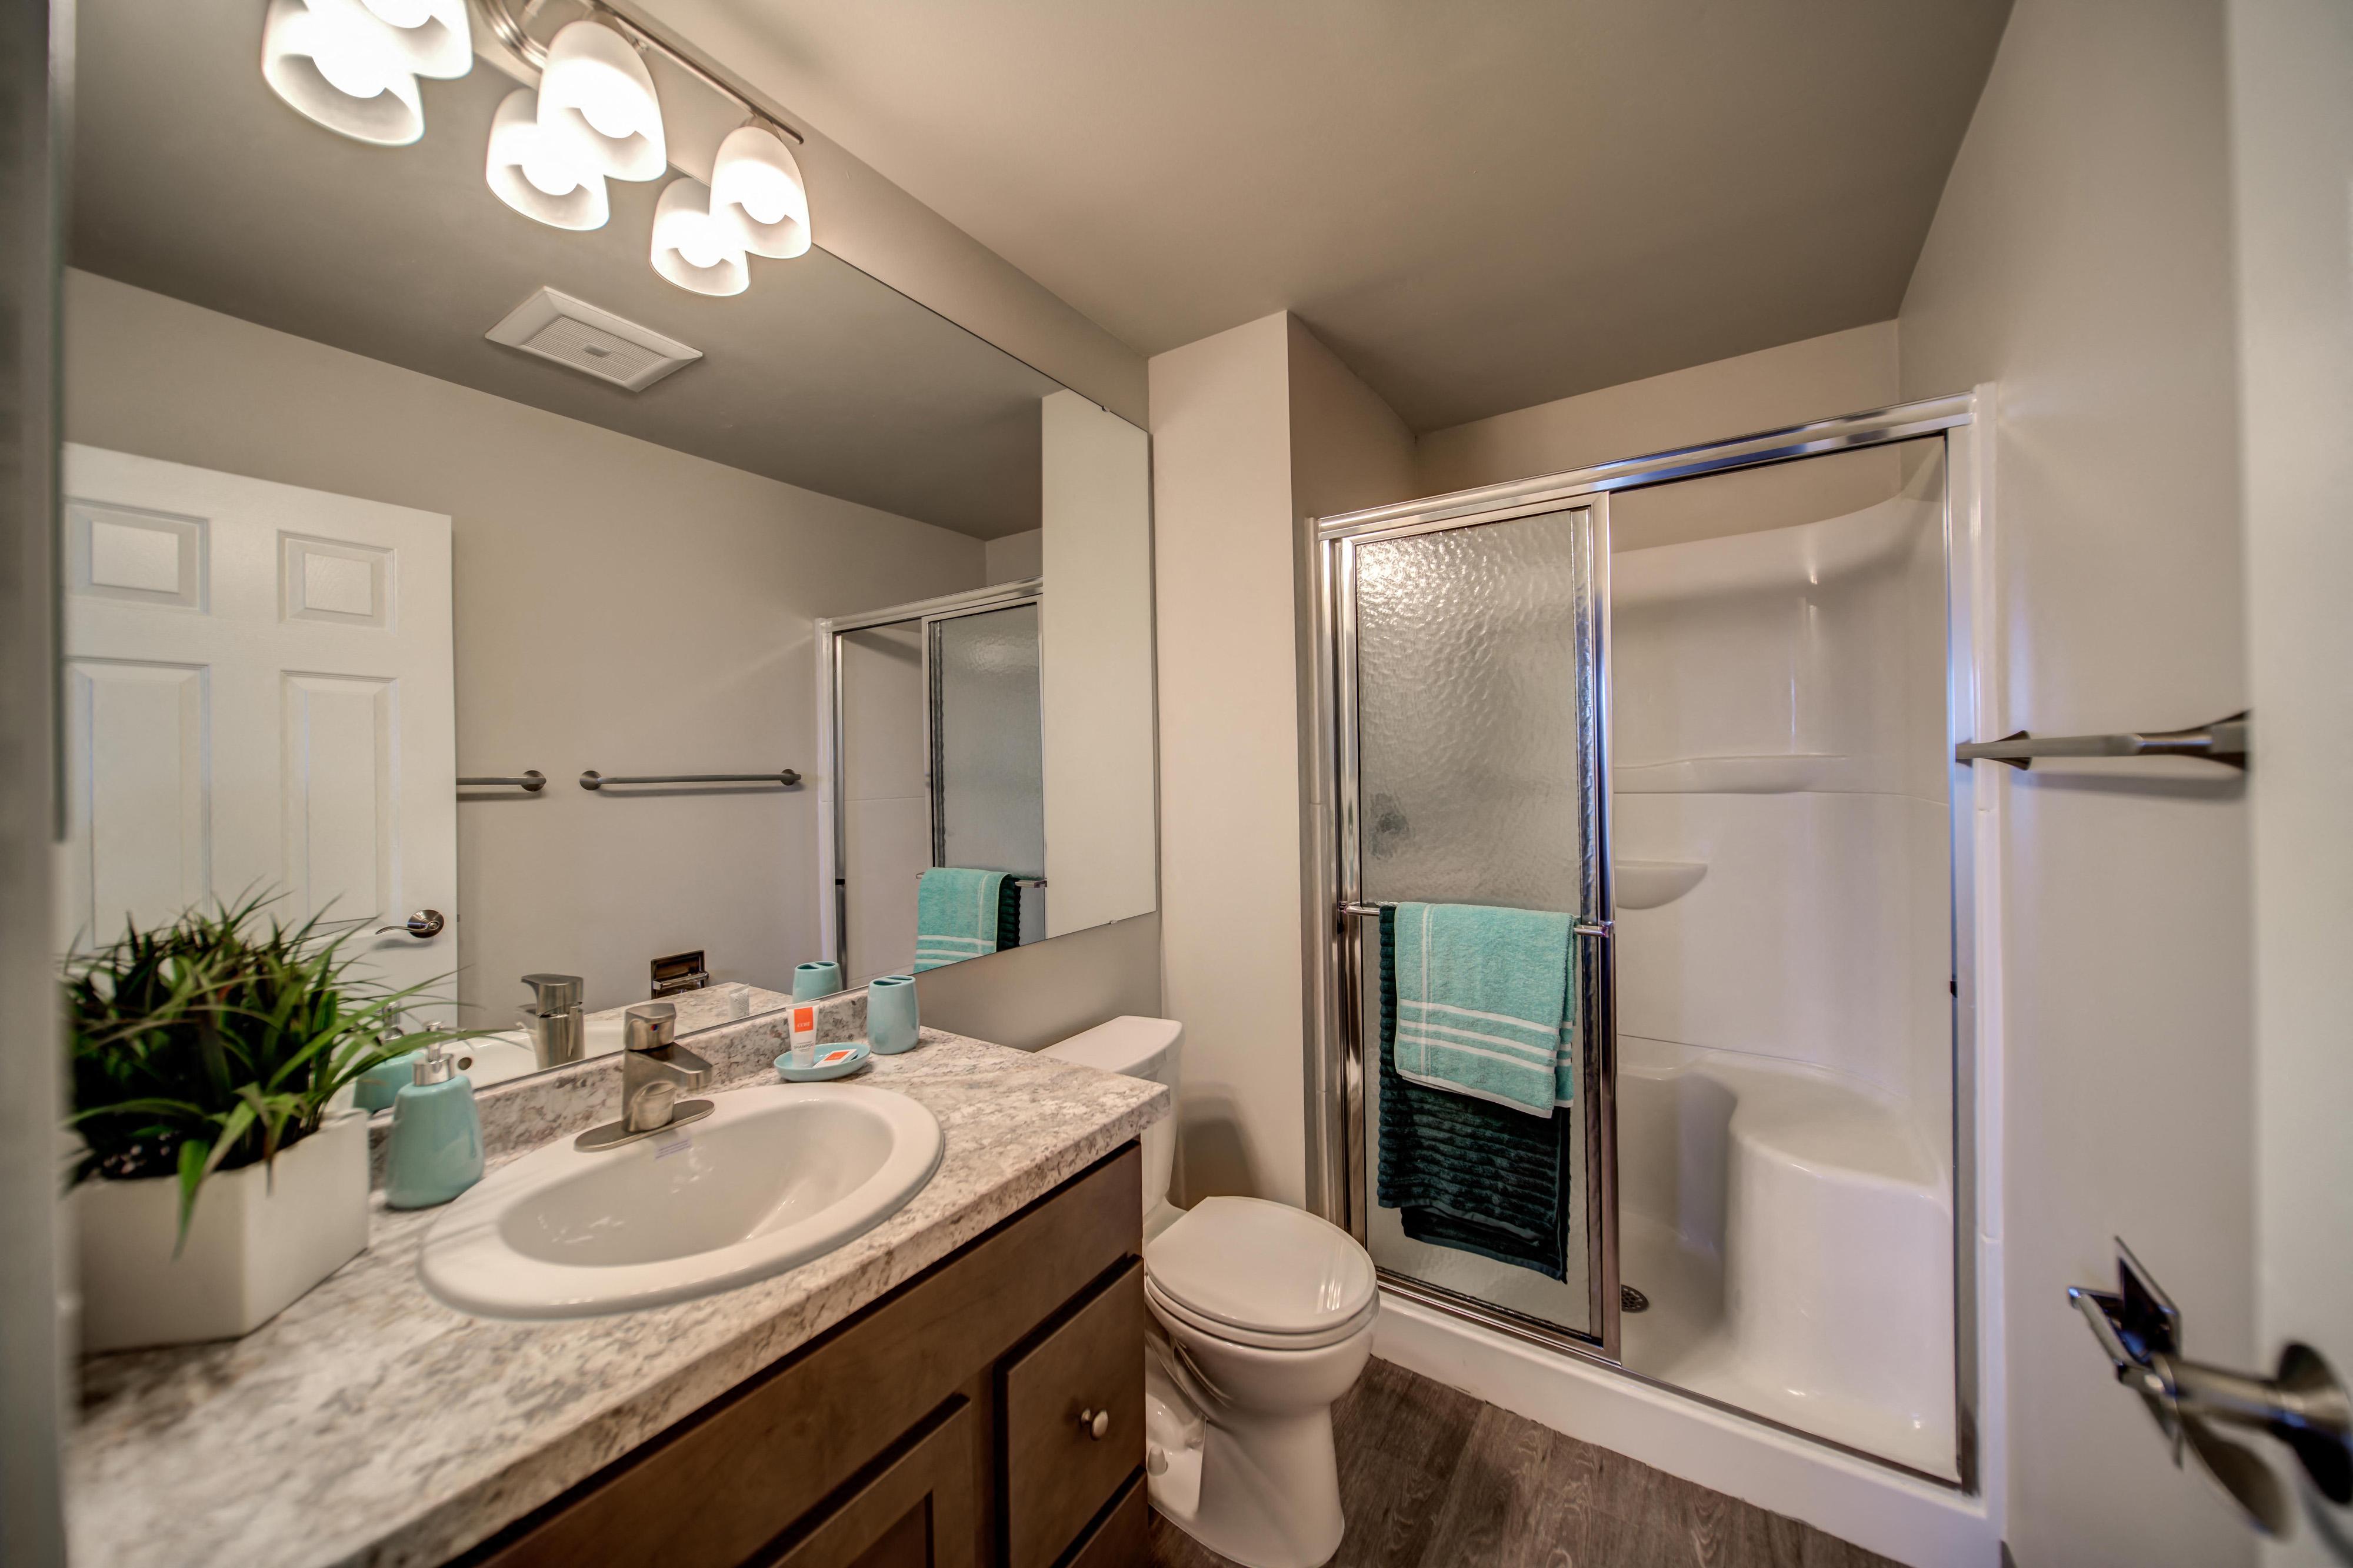 Sliding Glass Shower in Bathroom